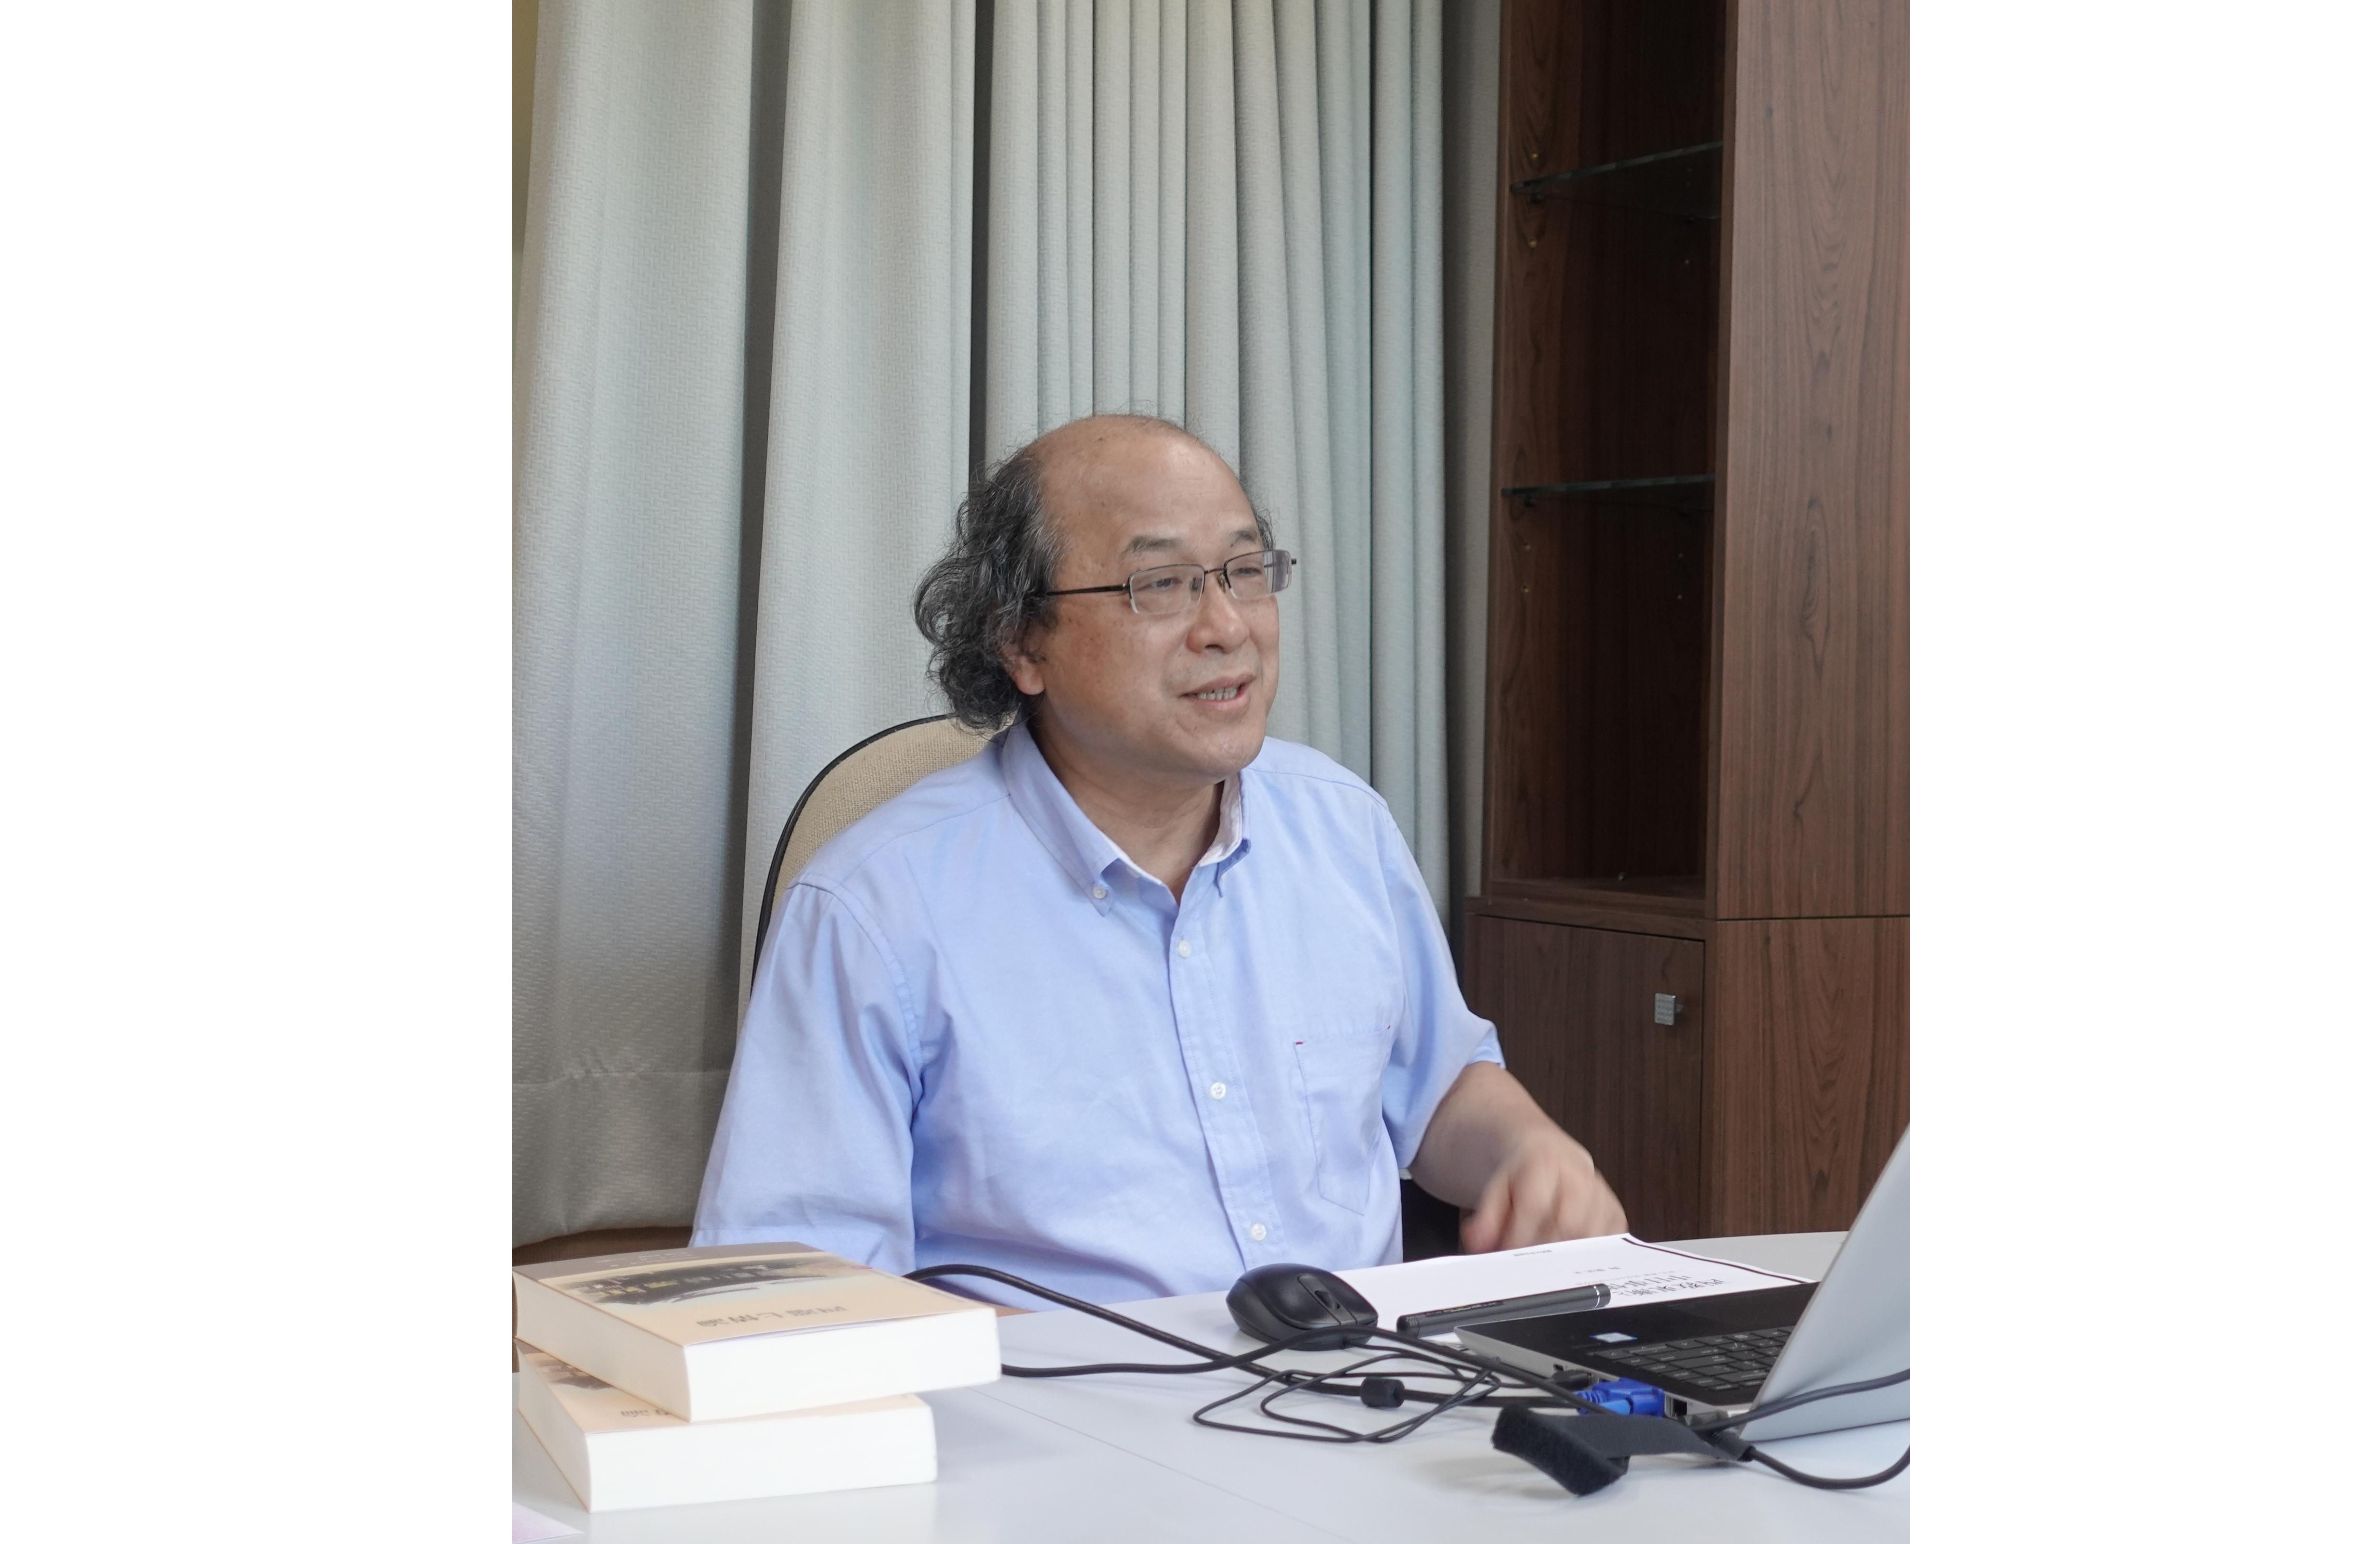 陶德民教授演講「近世近代儒教和基督教交涉的歷史經驗的反思——《西教東漸と中日事情》的成書背景之介紹」紀要